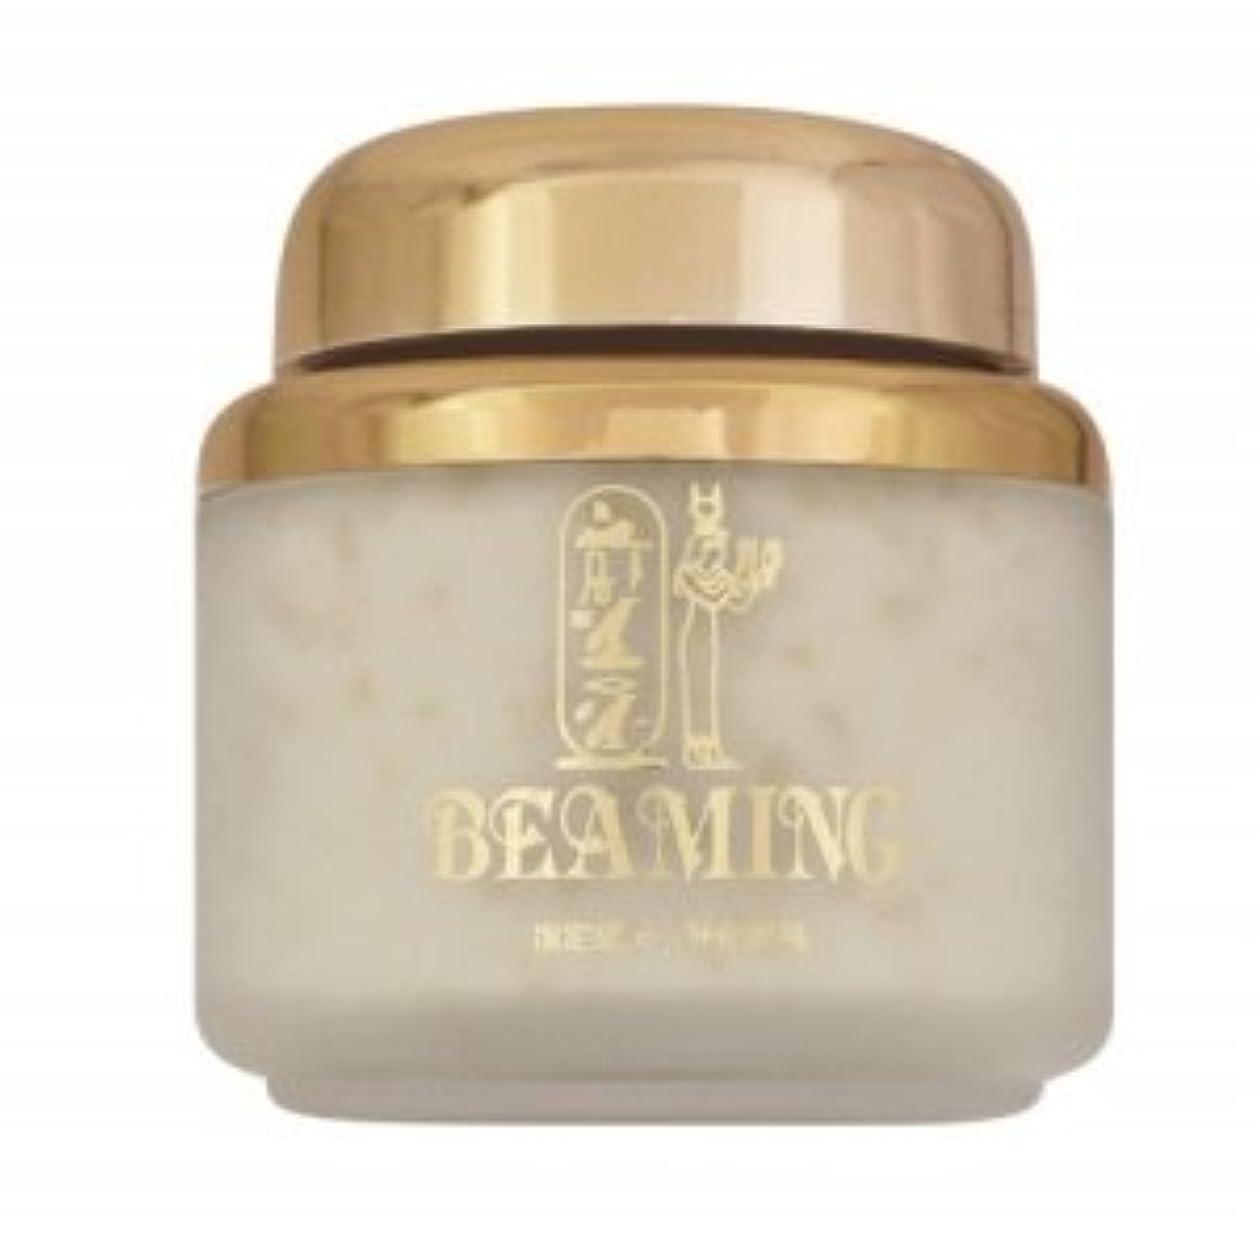 ブランデーシェルアセビーミングシリーズ 100% 無添加 美容界の奇跡 超高級 純金箔 錆びない肌 究極の スキンケアセット クレオパトラ の 基礎化粧品 クレンジング 洗顔 日本製 (ビーミングゴールドウォッシング)